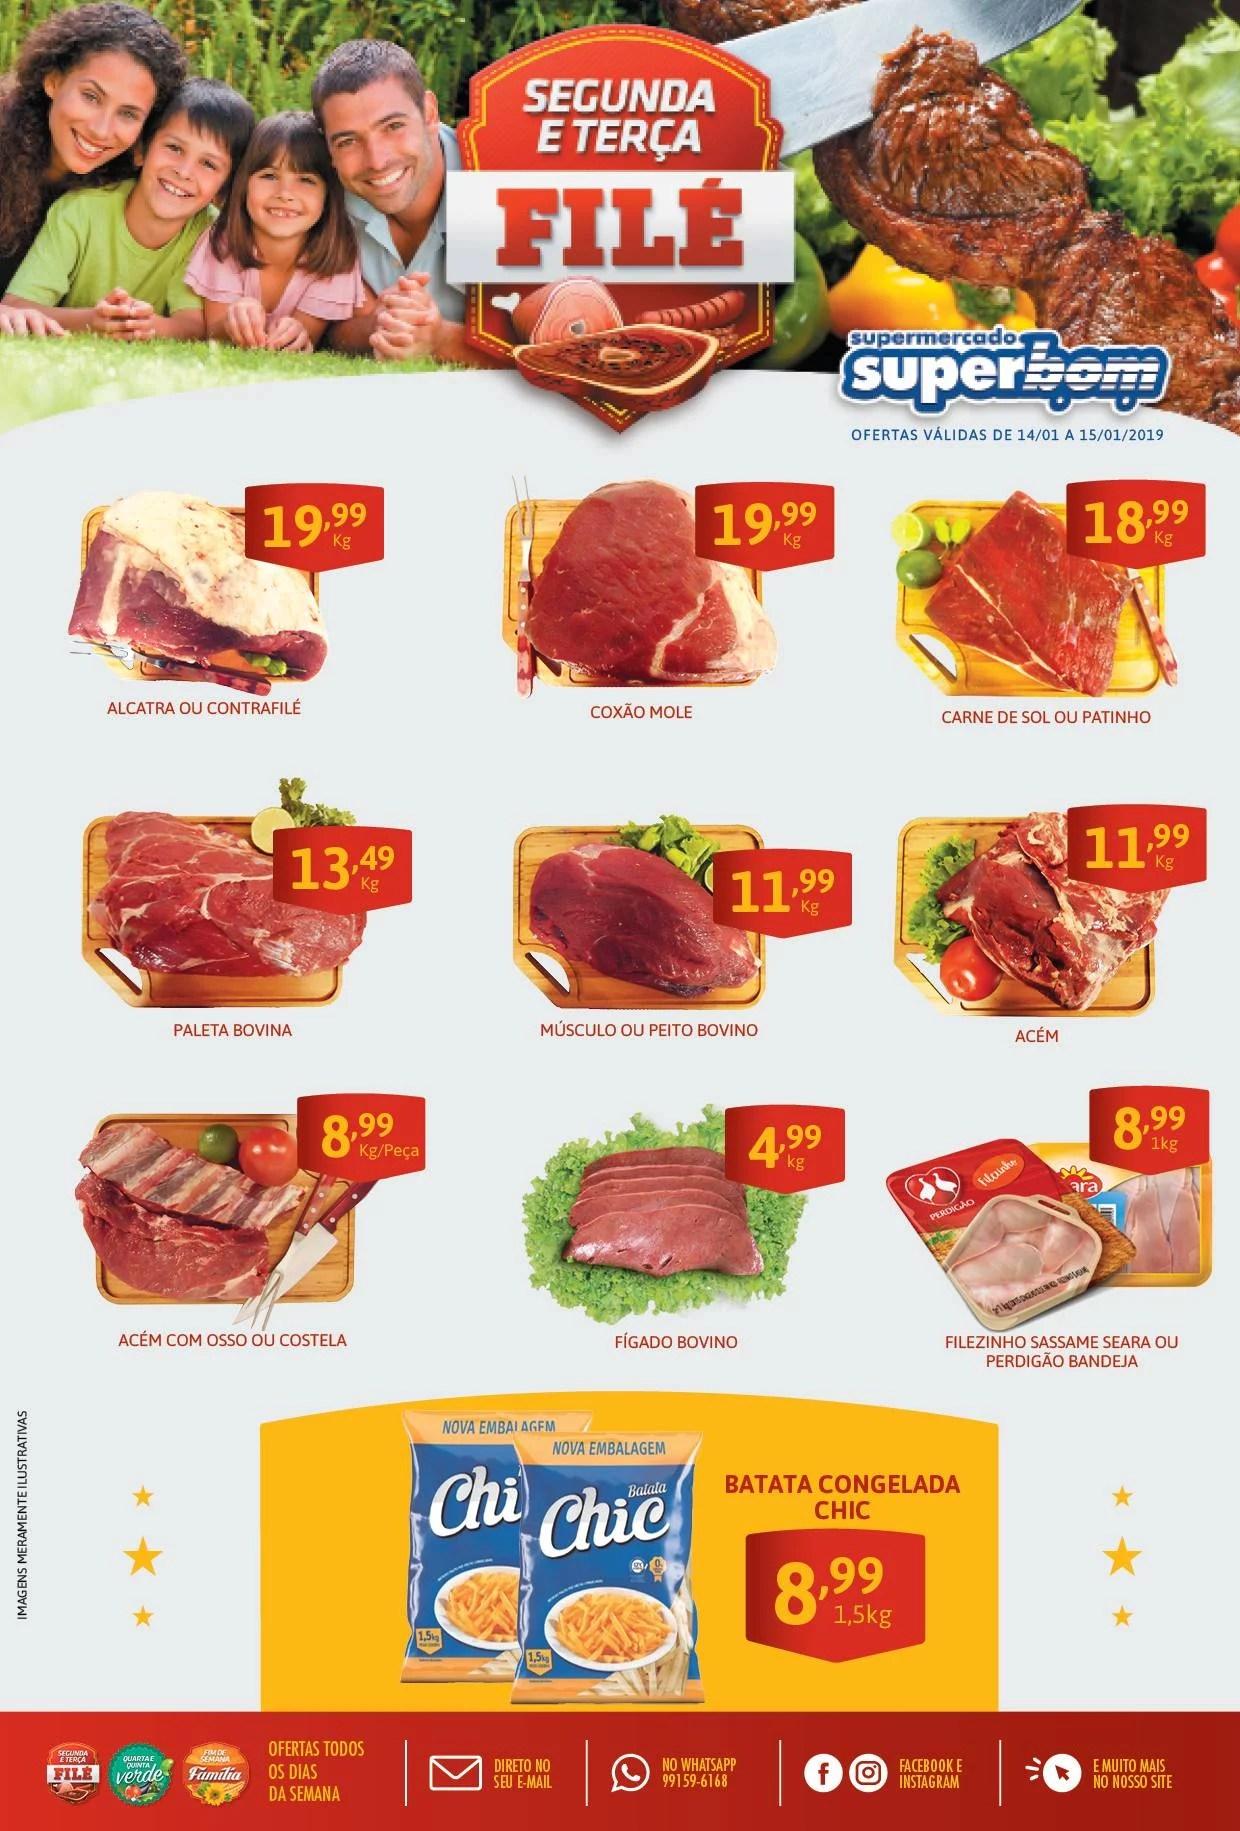 Ofertas Supermercado SuperBom30